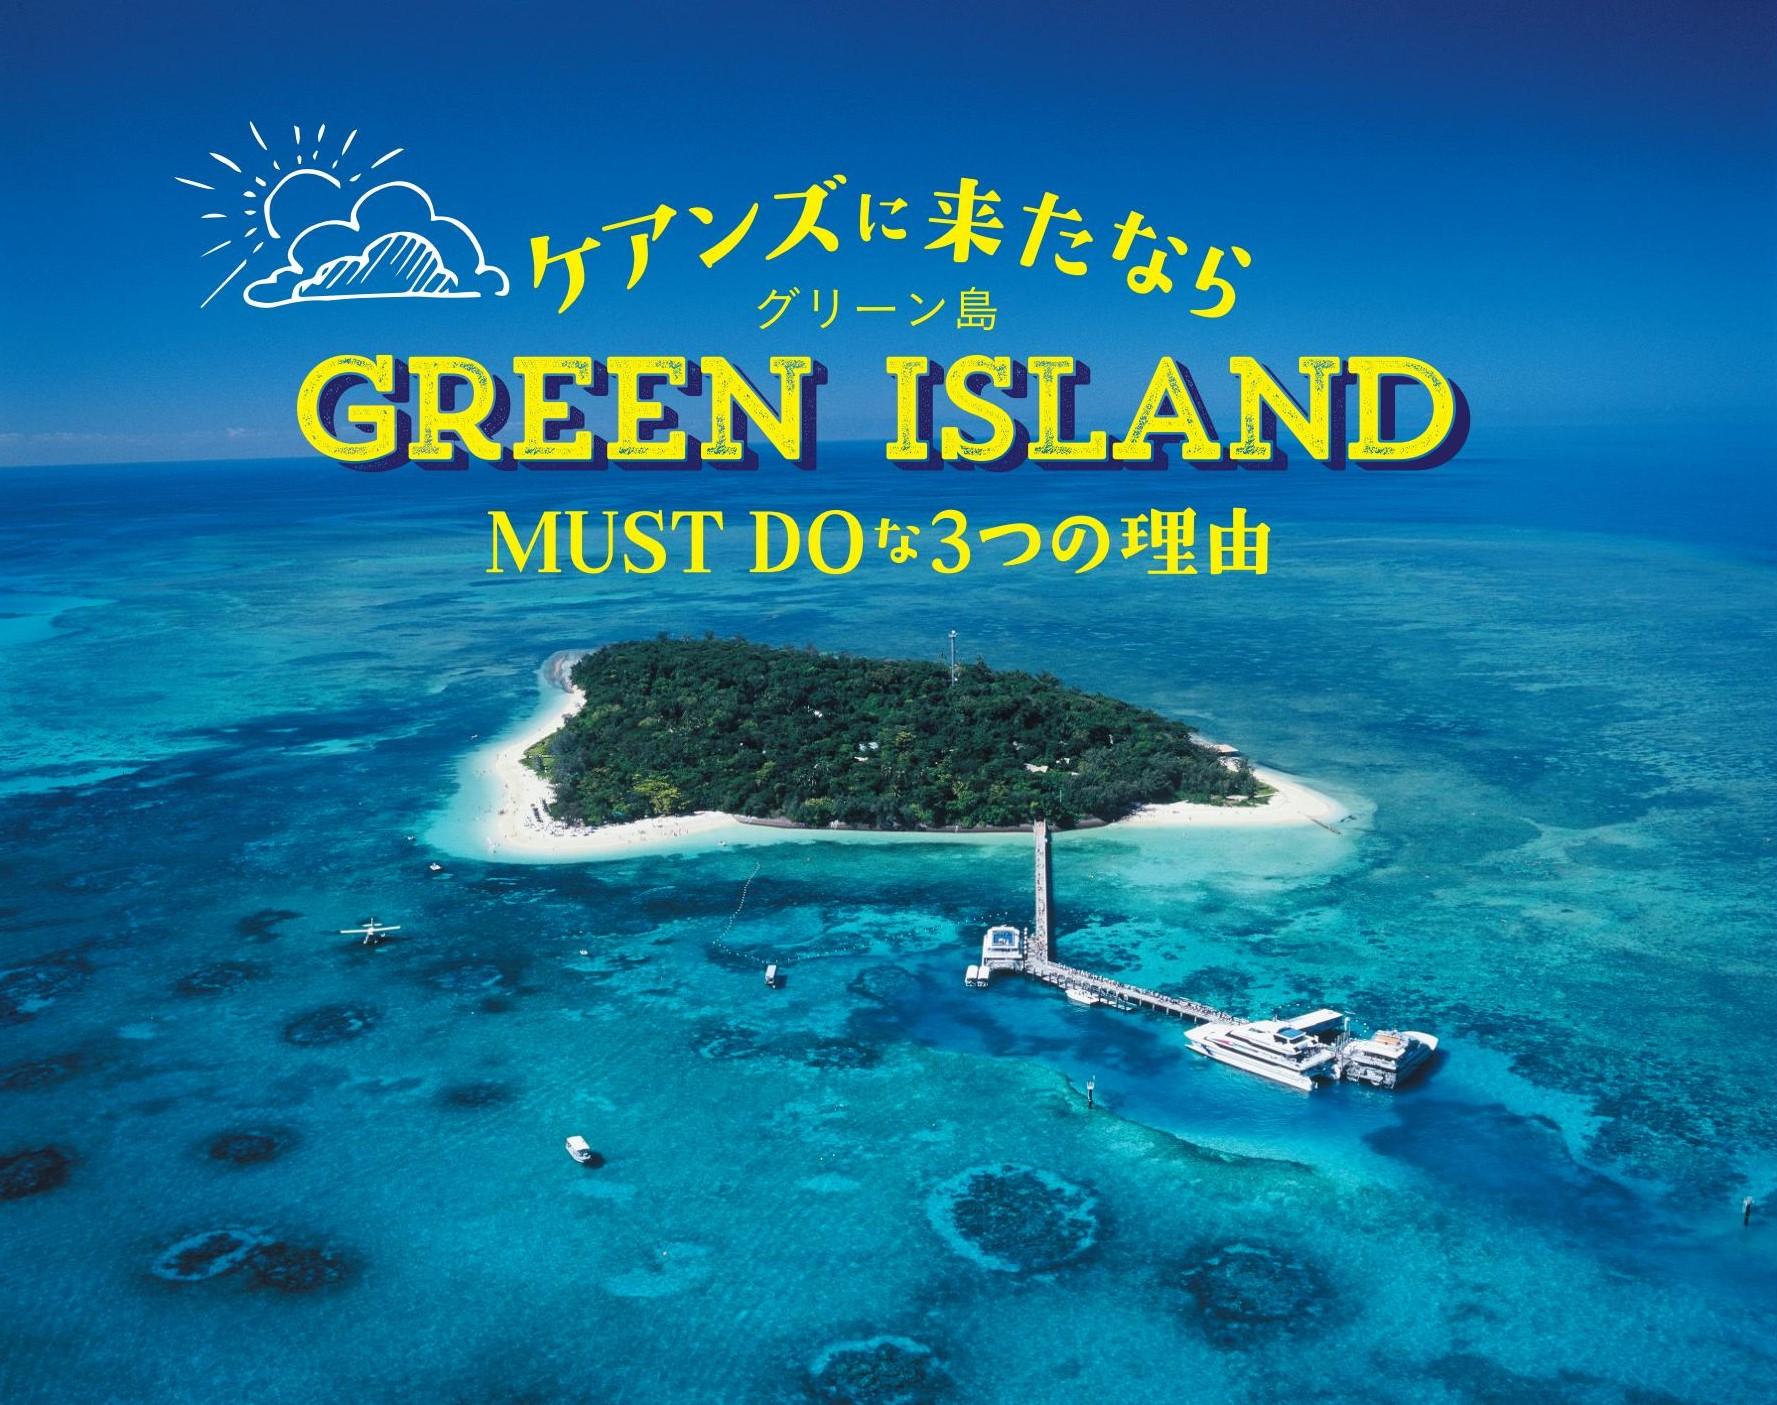 グリーン島に行かなきゃいけない3つの理由